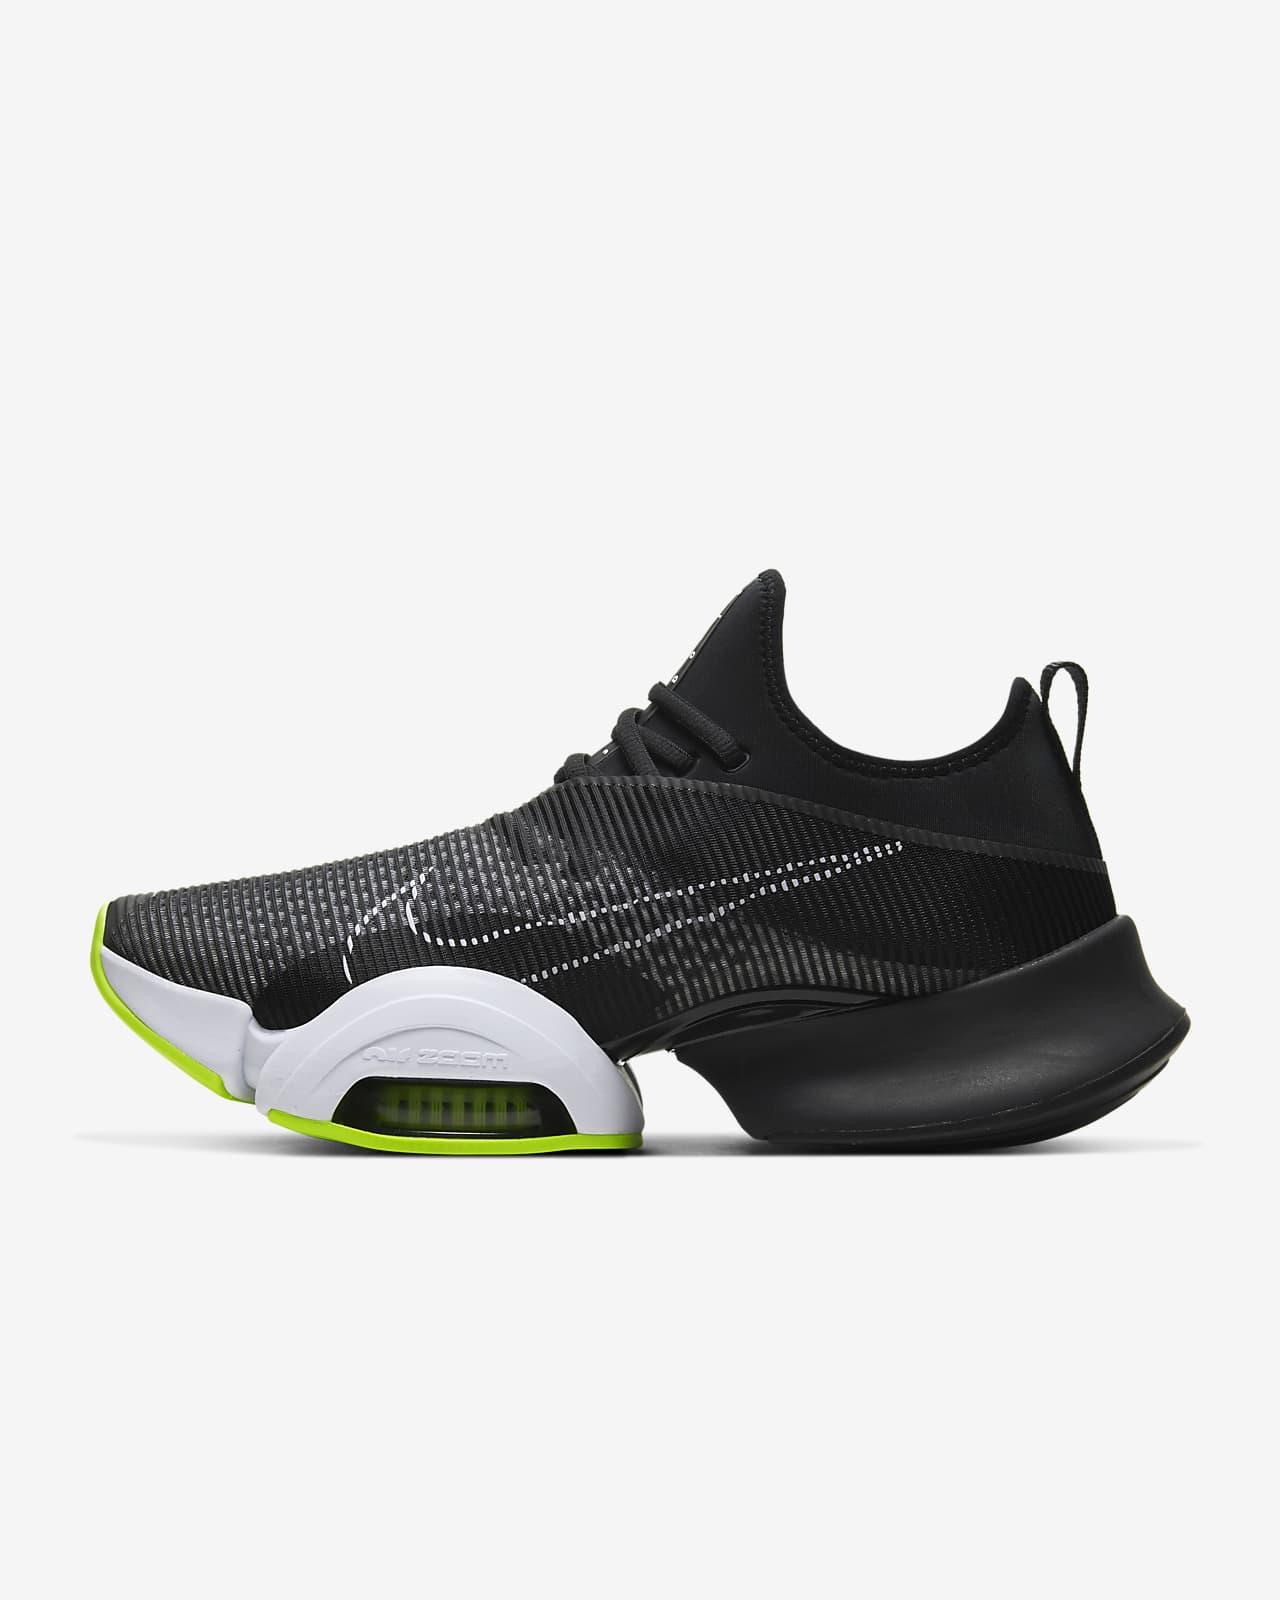 Ανδρικό παπούτσι για προπόνηση υψηλής έντασης Nike Air Zoom SuperRep